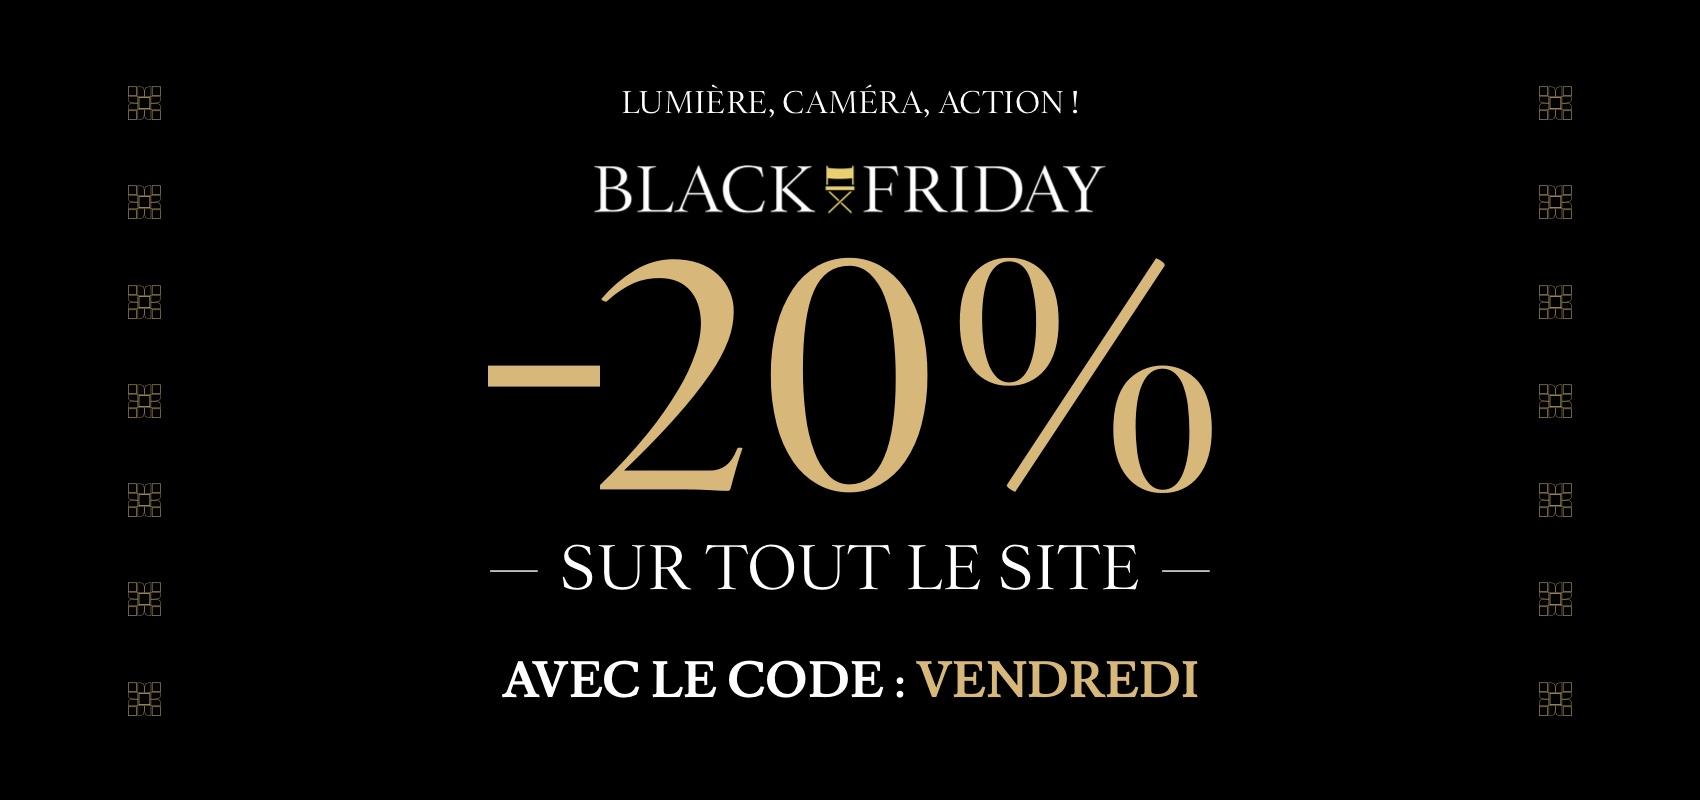 Charles Tyrwhitt Black Friday -20% avec code VENDREDI